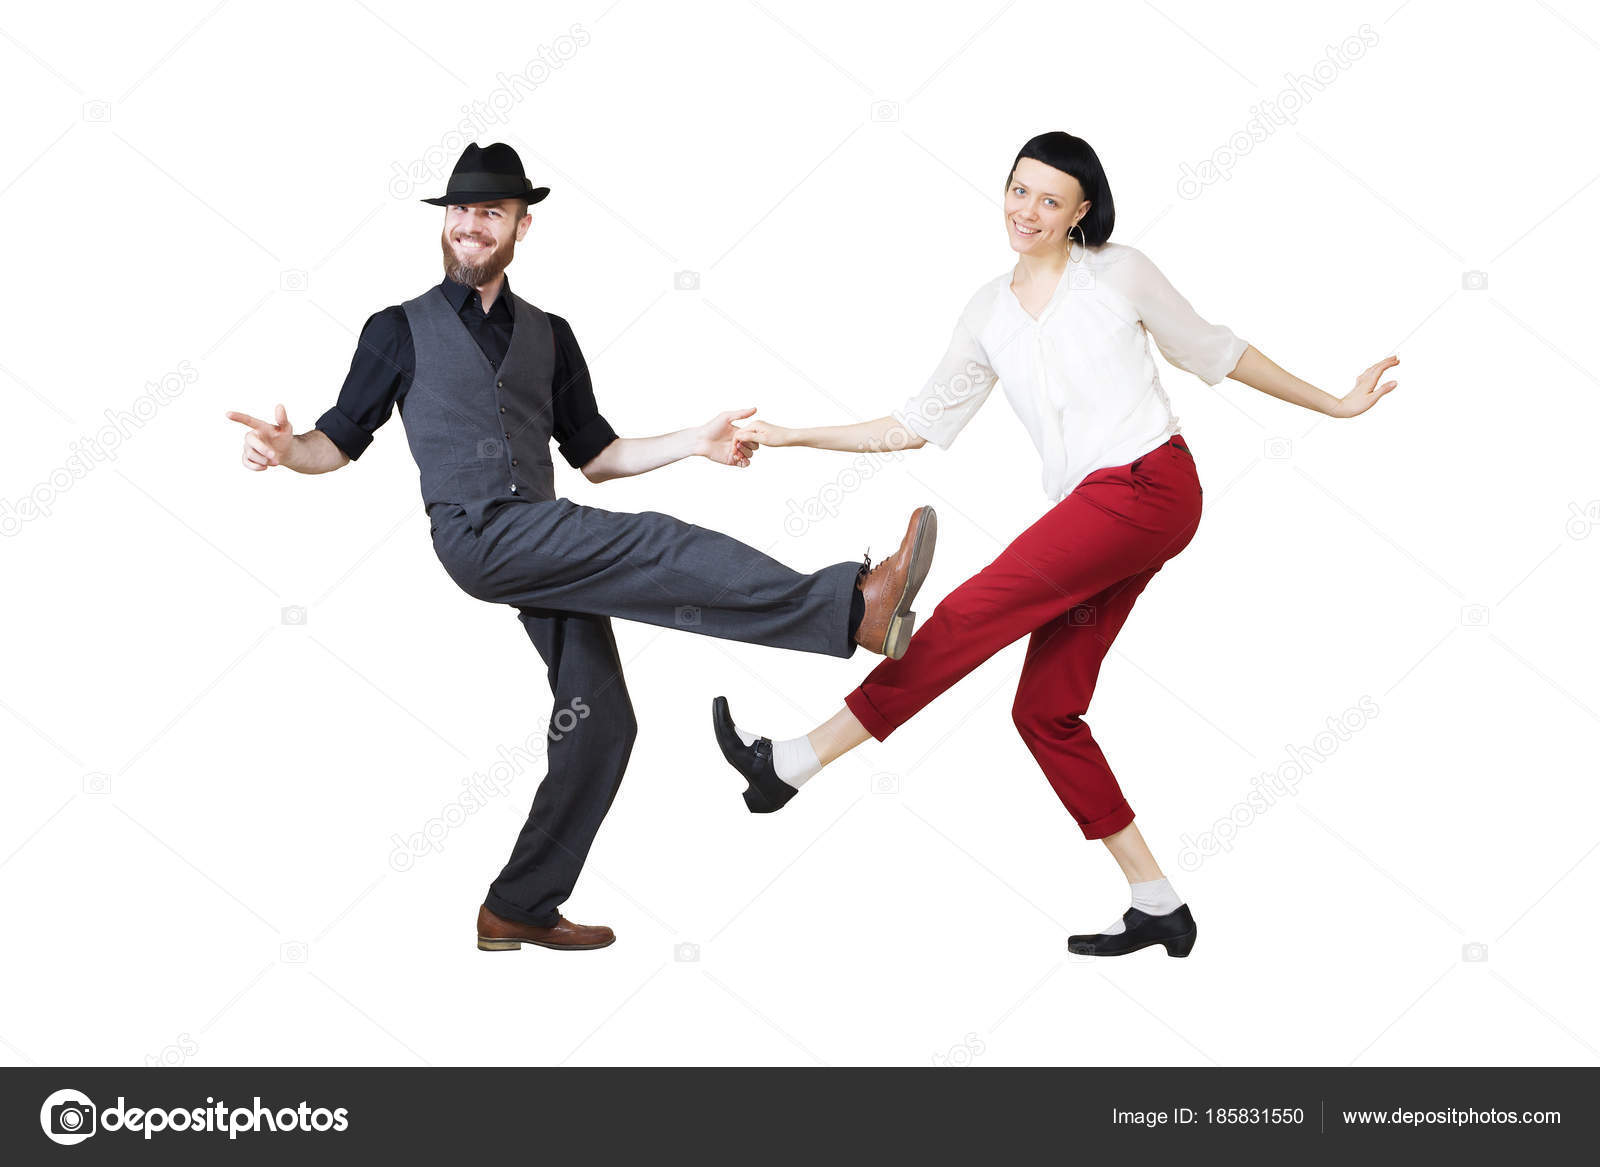 Berühmt Lindy Hop oder Rocknroll Tanz Boogie Woogie Tänzer — Stockfoto @LM_37